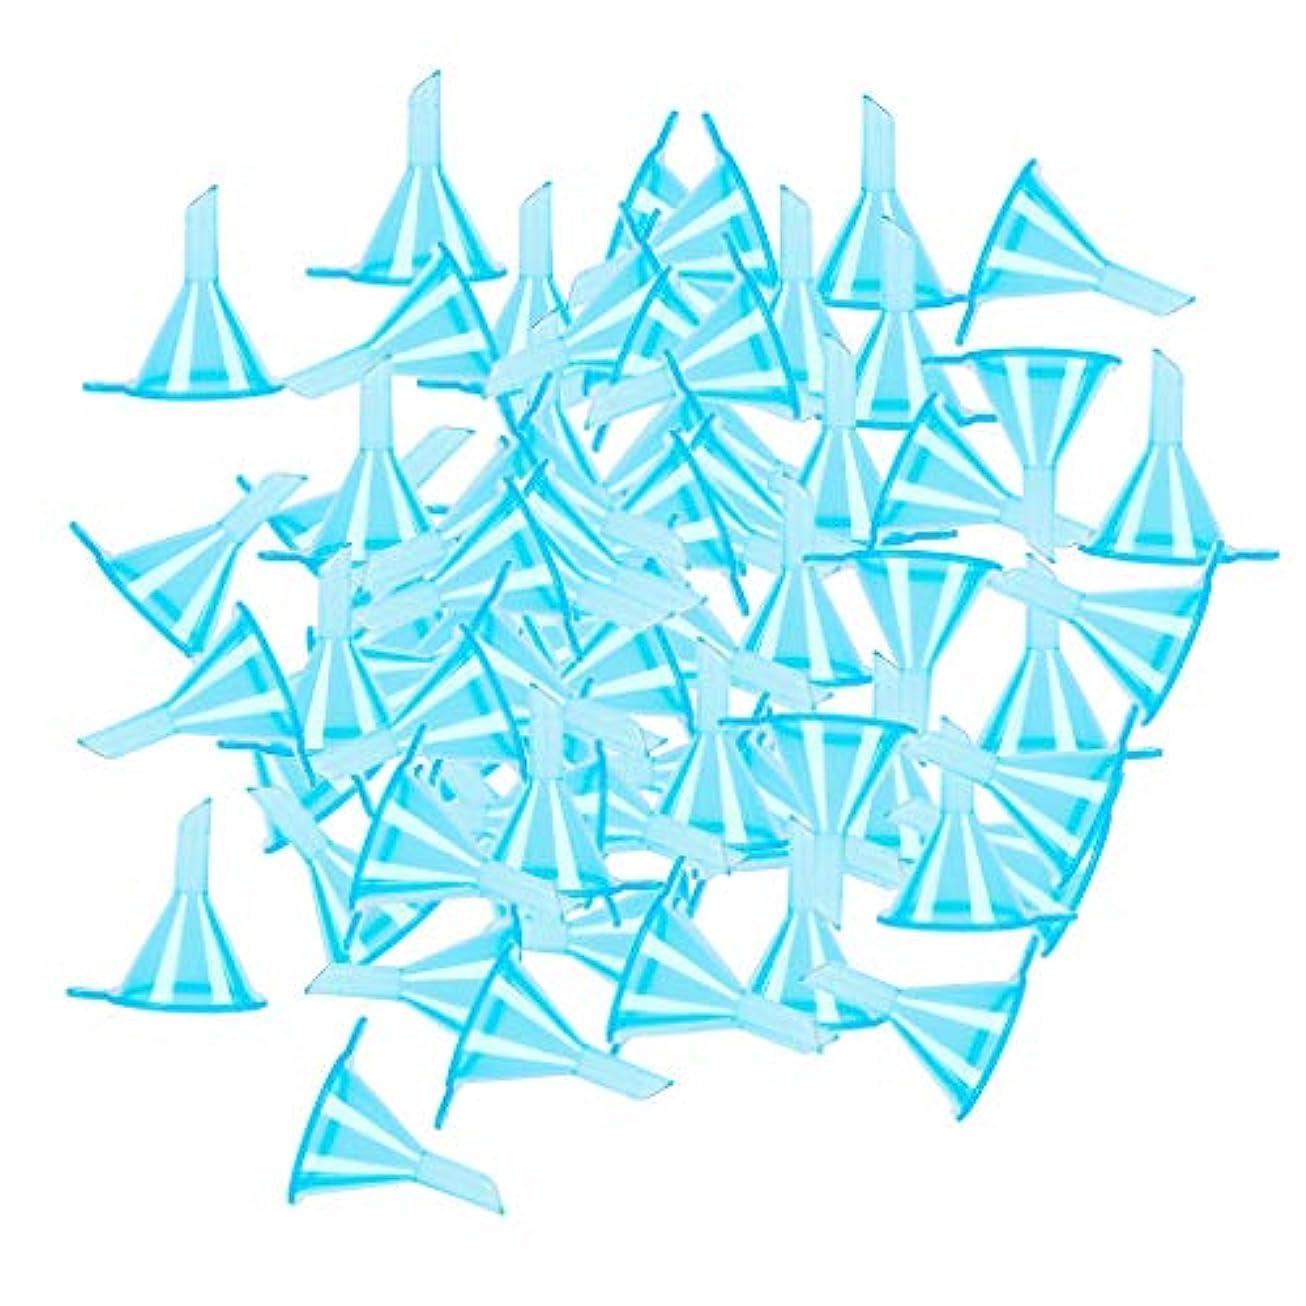 ドループ銀河ラインナップgazechimp ファンネル 漏斗 エッセンシャルオイル 香水ボトルのため 全100点 3カラー選ぶ - ブルー